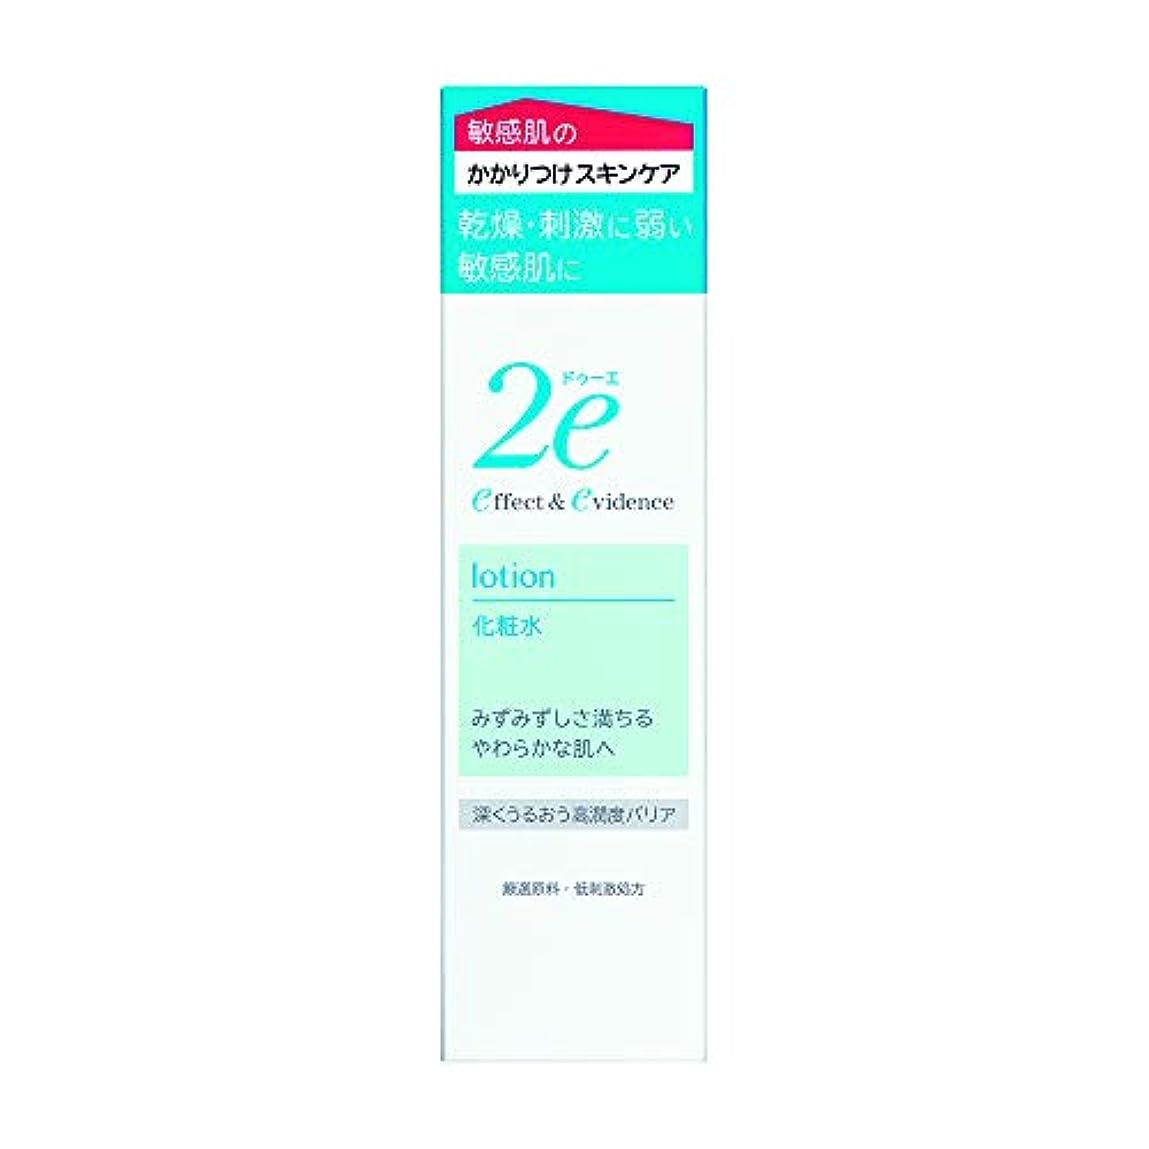 潜在的な特許遷移2e(ドゥーエ) 化粧水 敏感肌用 低刺激処方 深くうるおう高潤度バリア 140ml